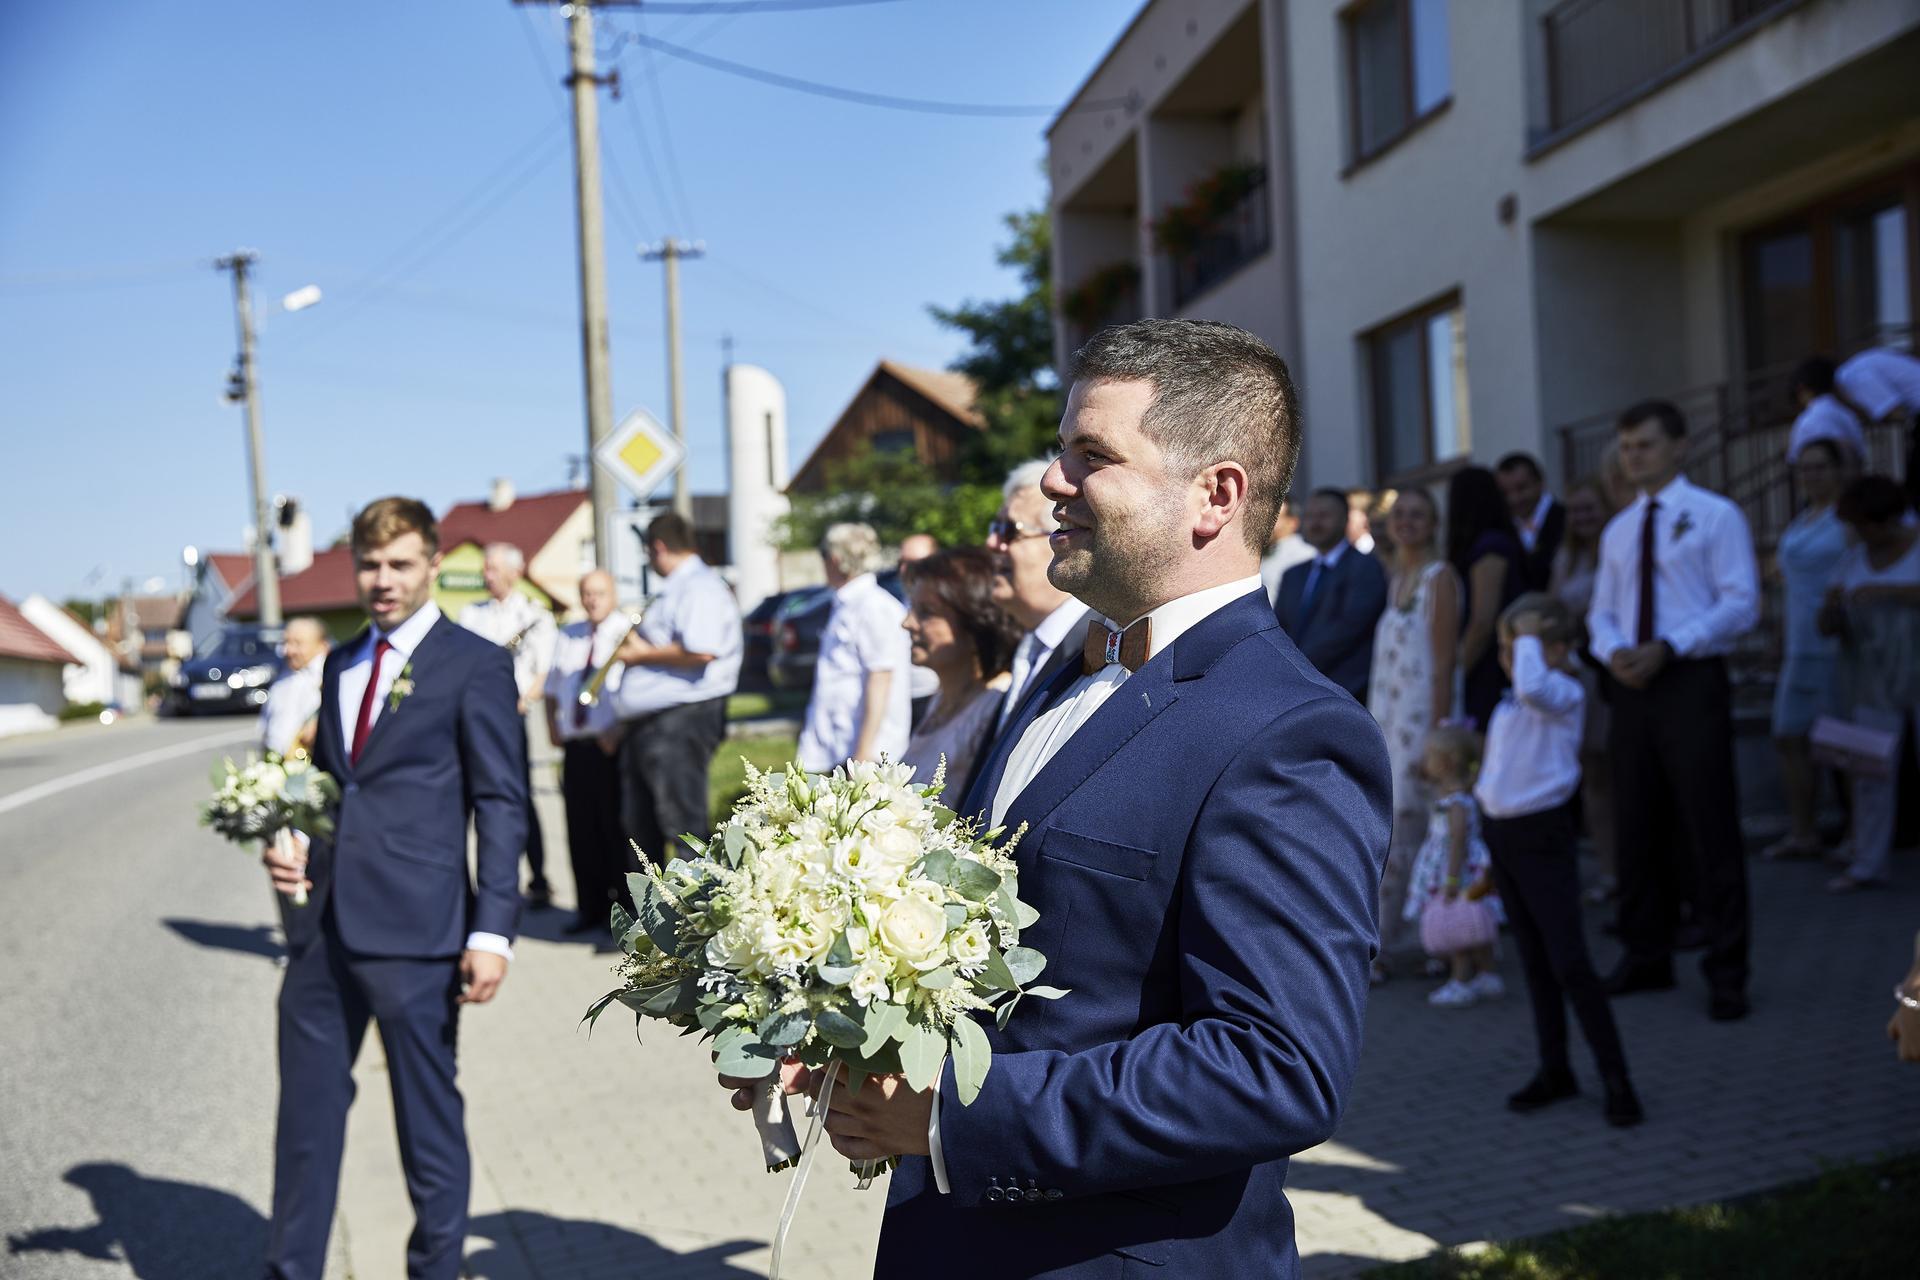 Naše slovácká svatba - Zpívání před barákem nevěsty.